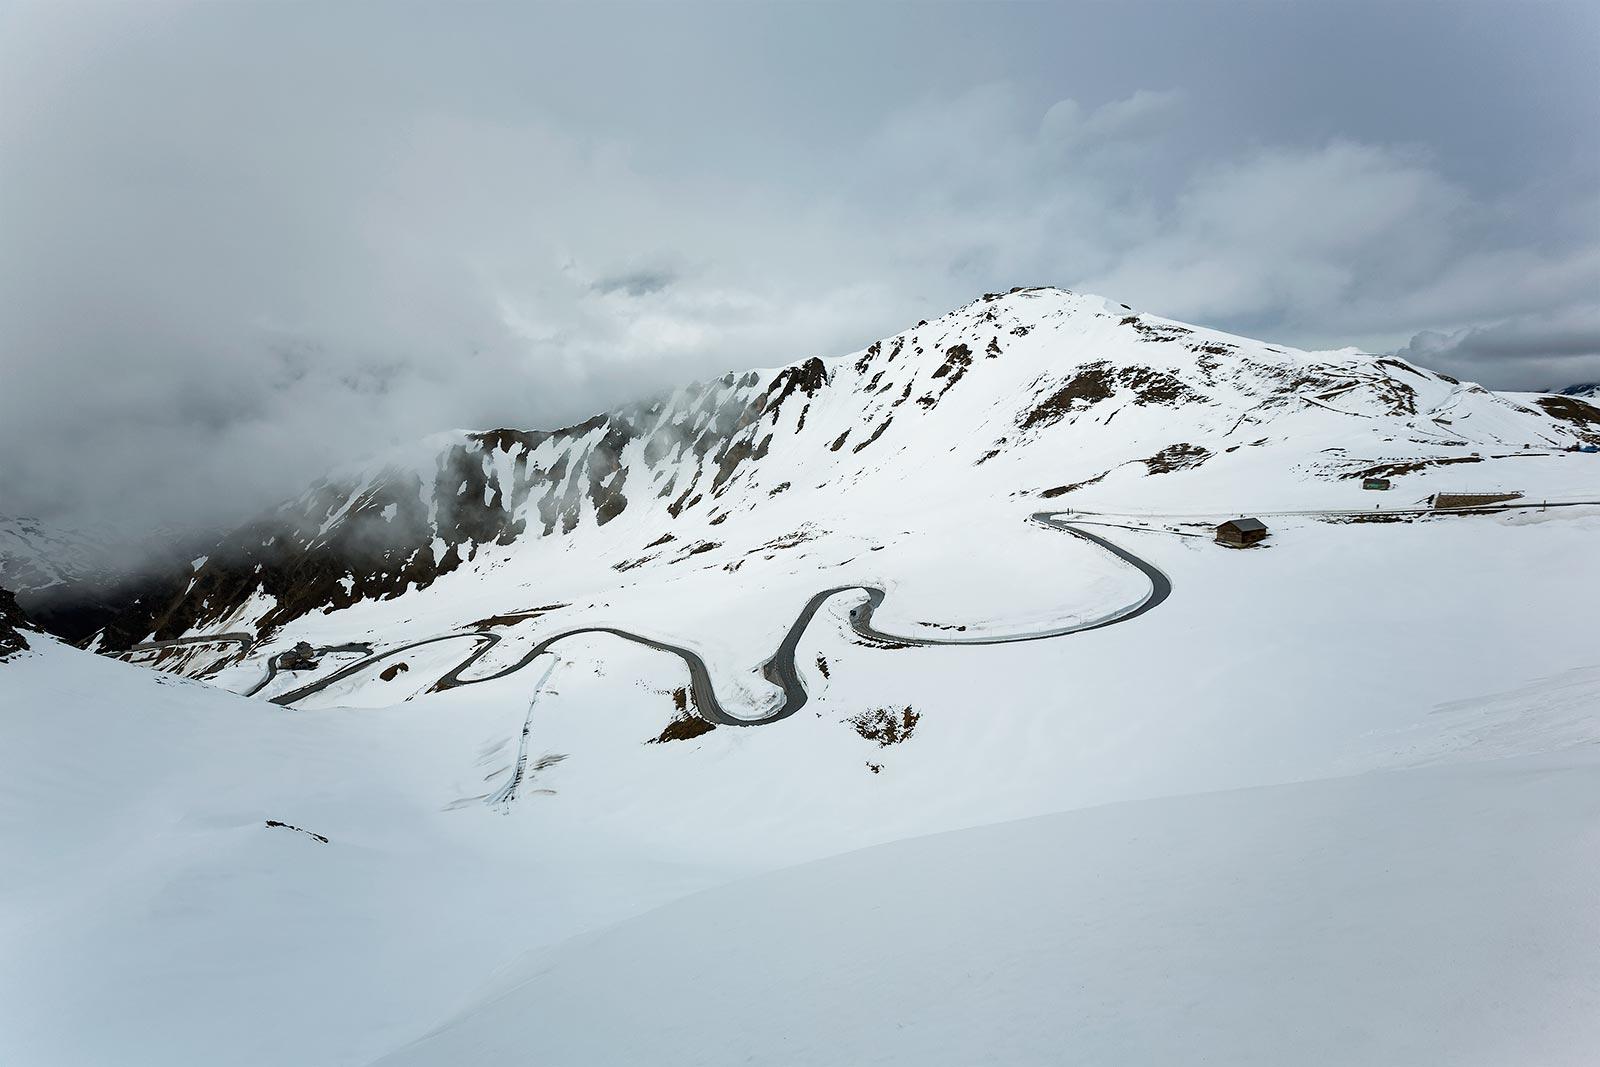 The serpentine curves make the Grossglockner High Alpine Road a popular destination for motor bikers.